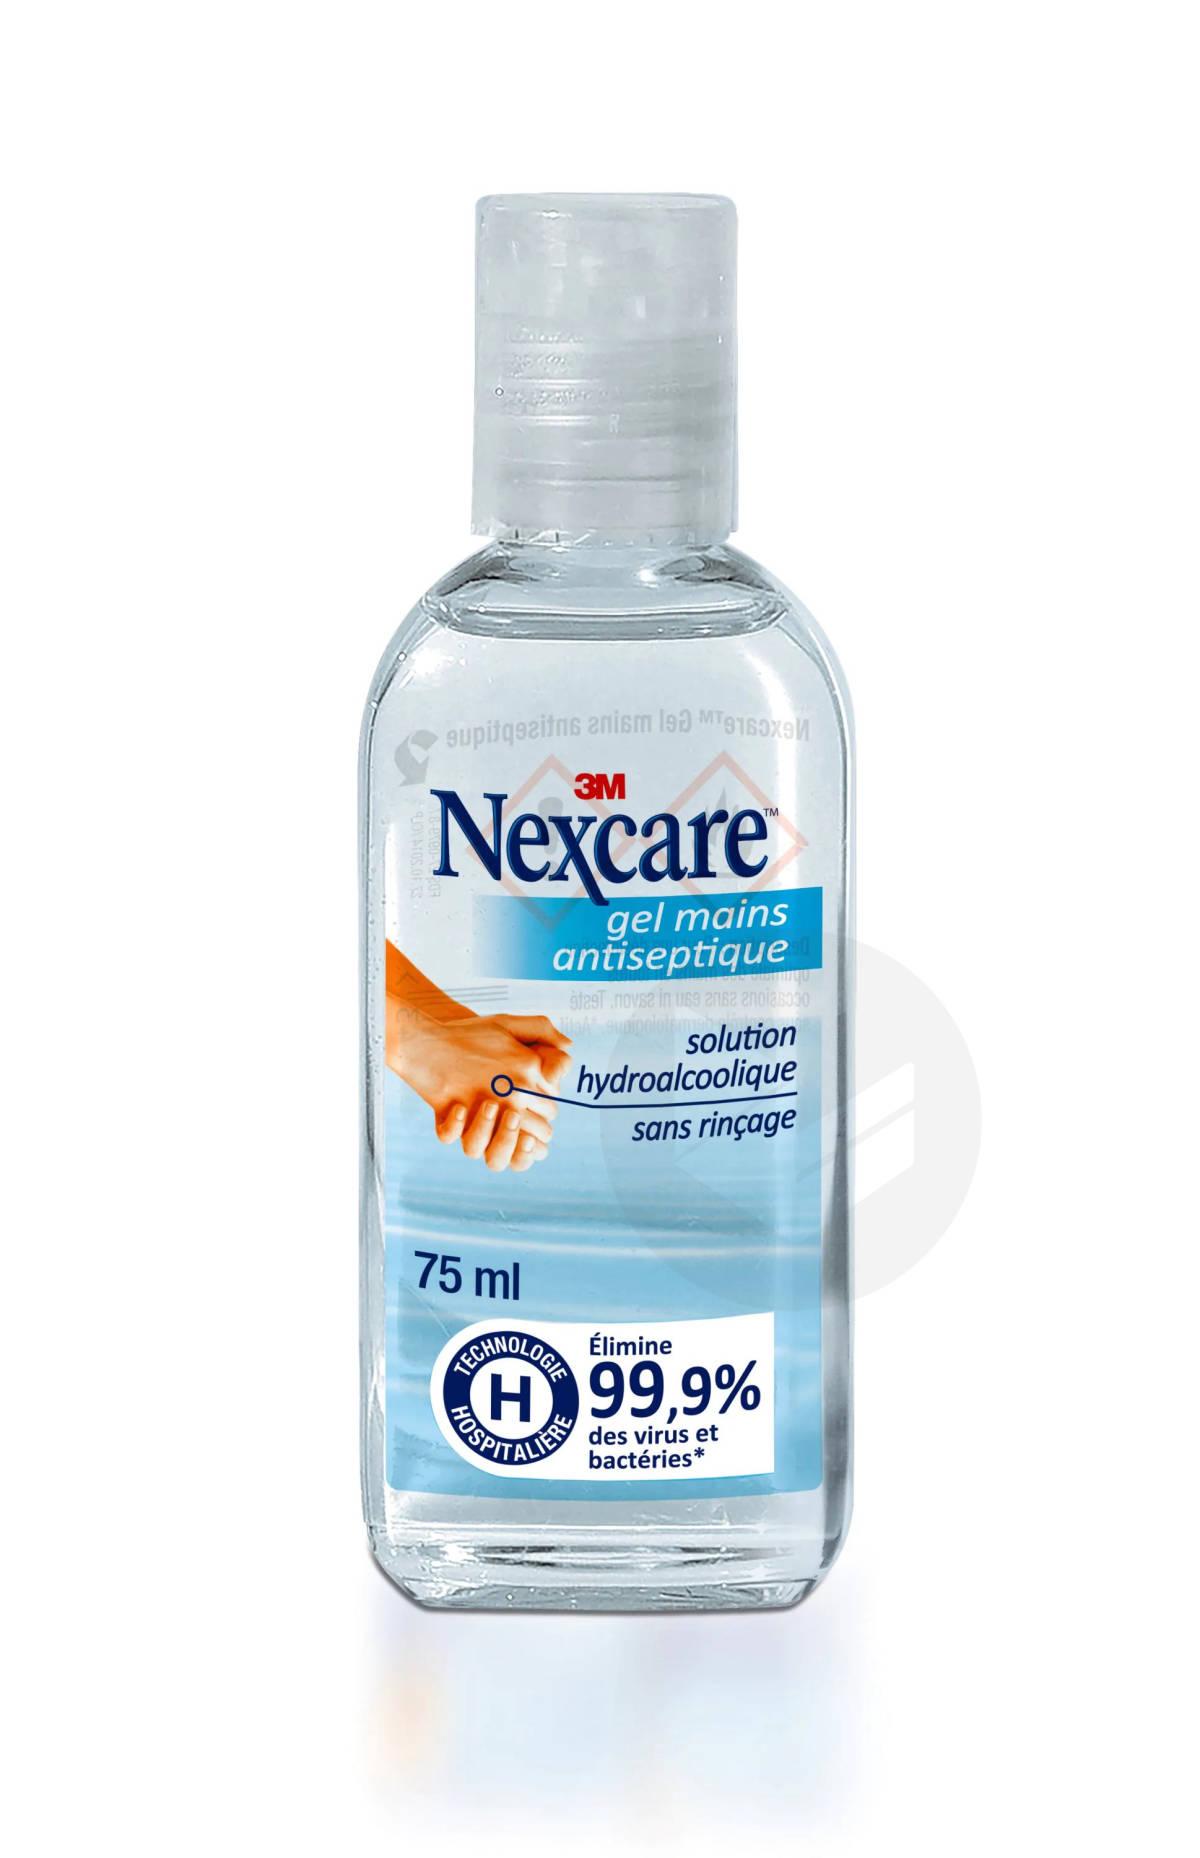 Nexcare Gel Mains Antiseptique 75 Ml